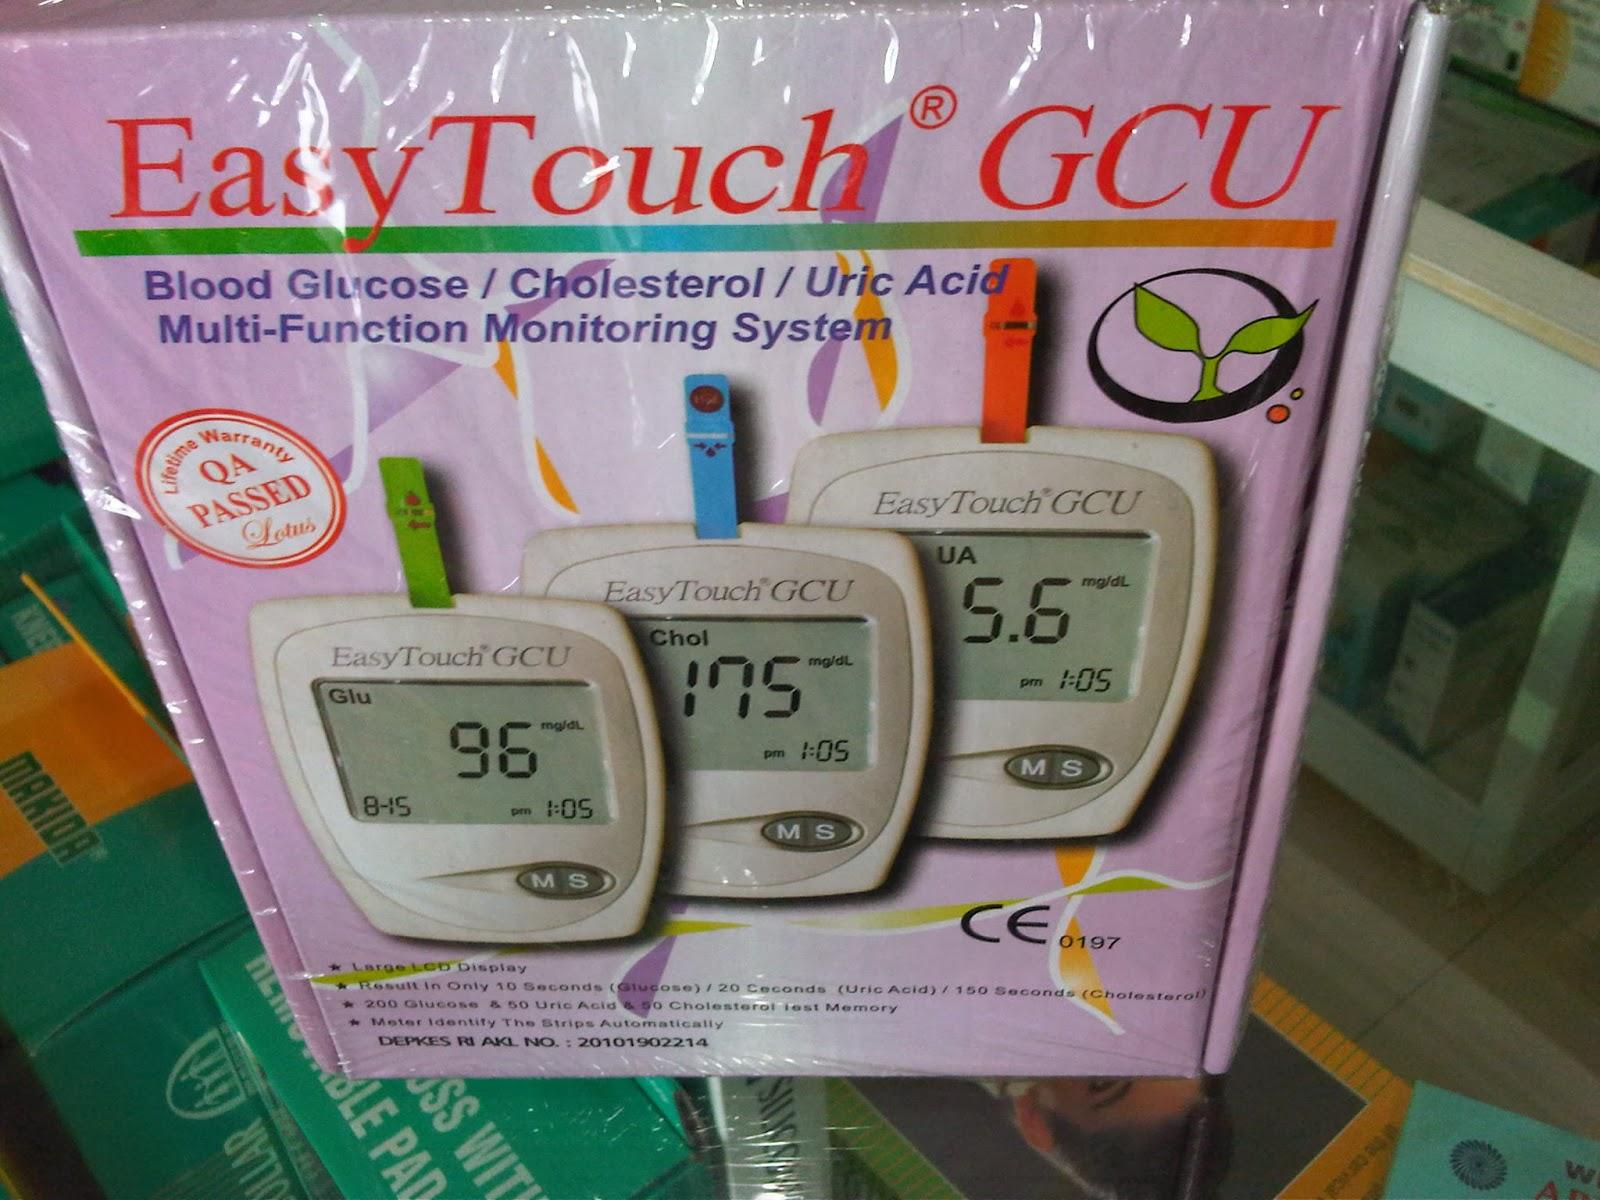 Alat Kesehatan Murah Test Darah Easy Touch Gula Asam Urat Cholesterol 3in1 Gcu Harga Rp 380000 Merupakan Satu Yang Bisa Untuk Mengukur Kadar Dan Kolesterol Sekaligus 3 In 1